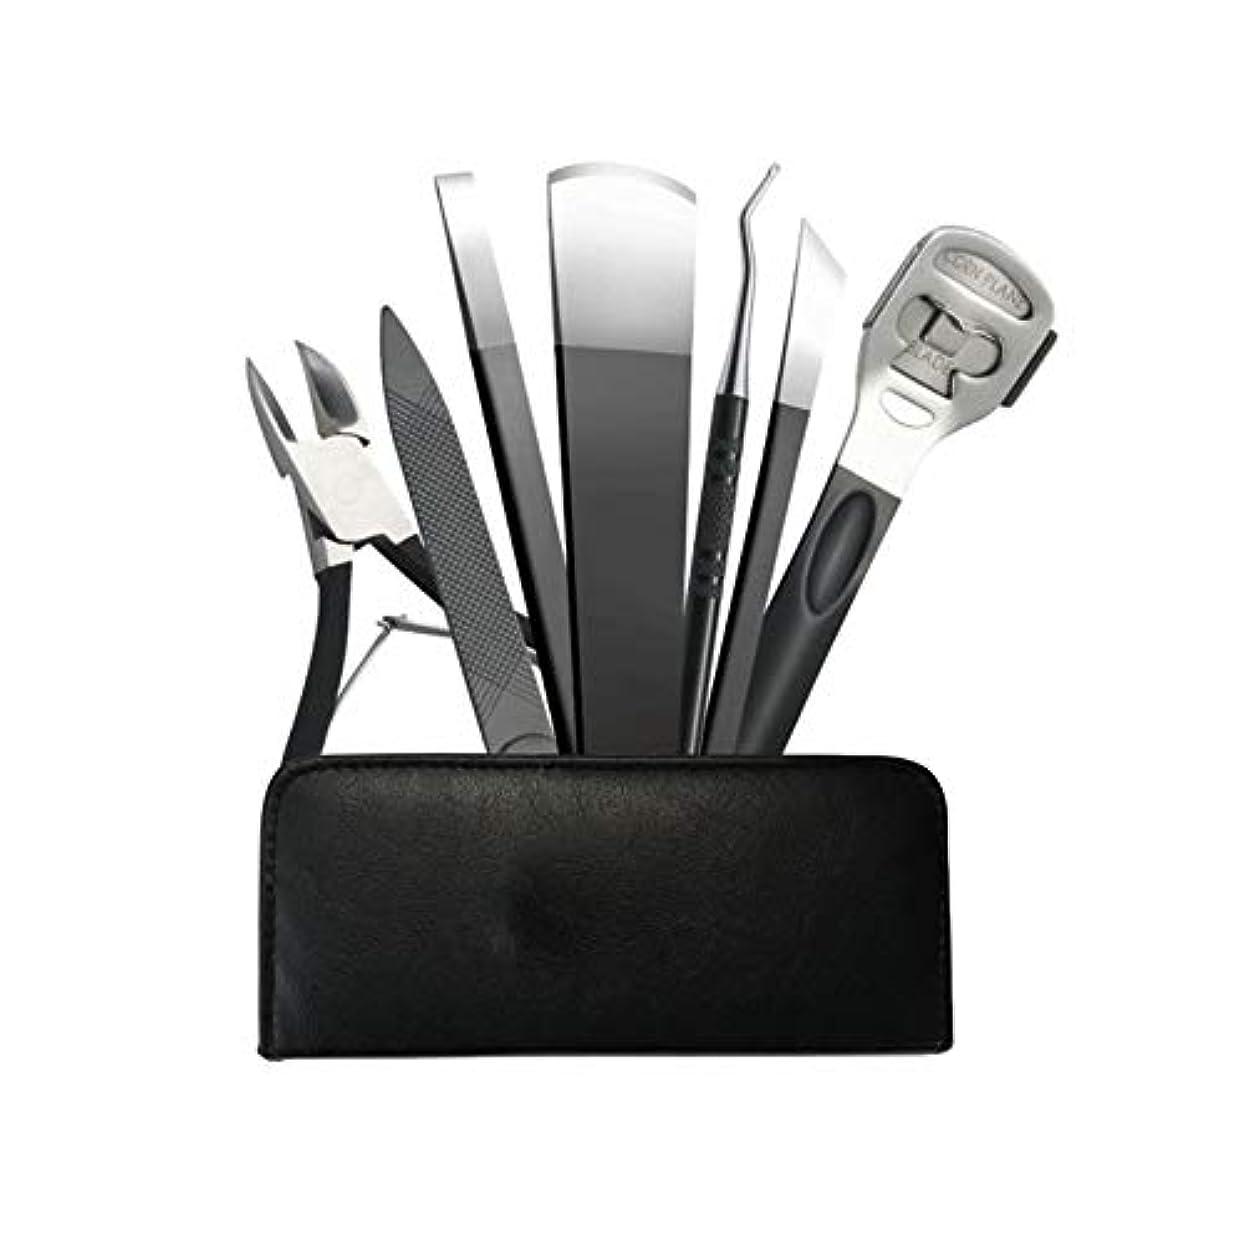 候補者発表するほうきJIAYIZS プロフェッショナルペディキュアナイフ7点セットネイルクリッパーペディキュアペディキュアツール (Color : Silver)